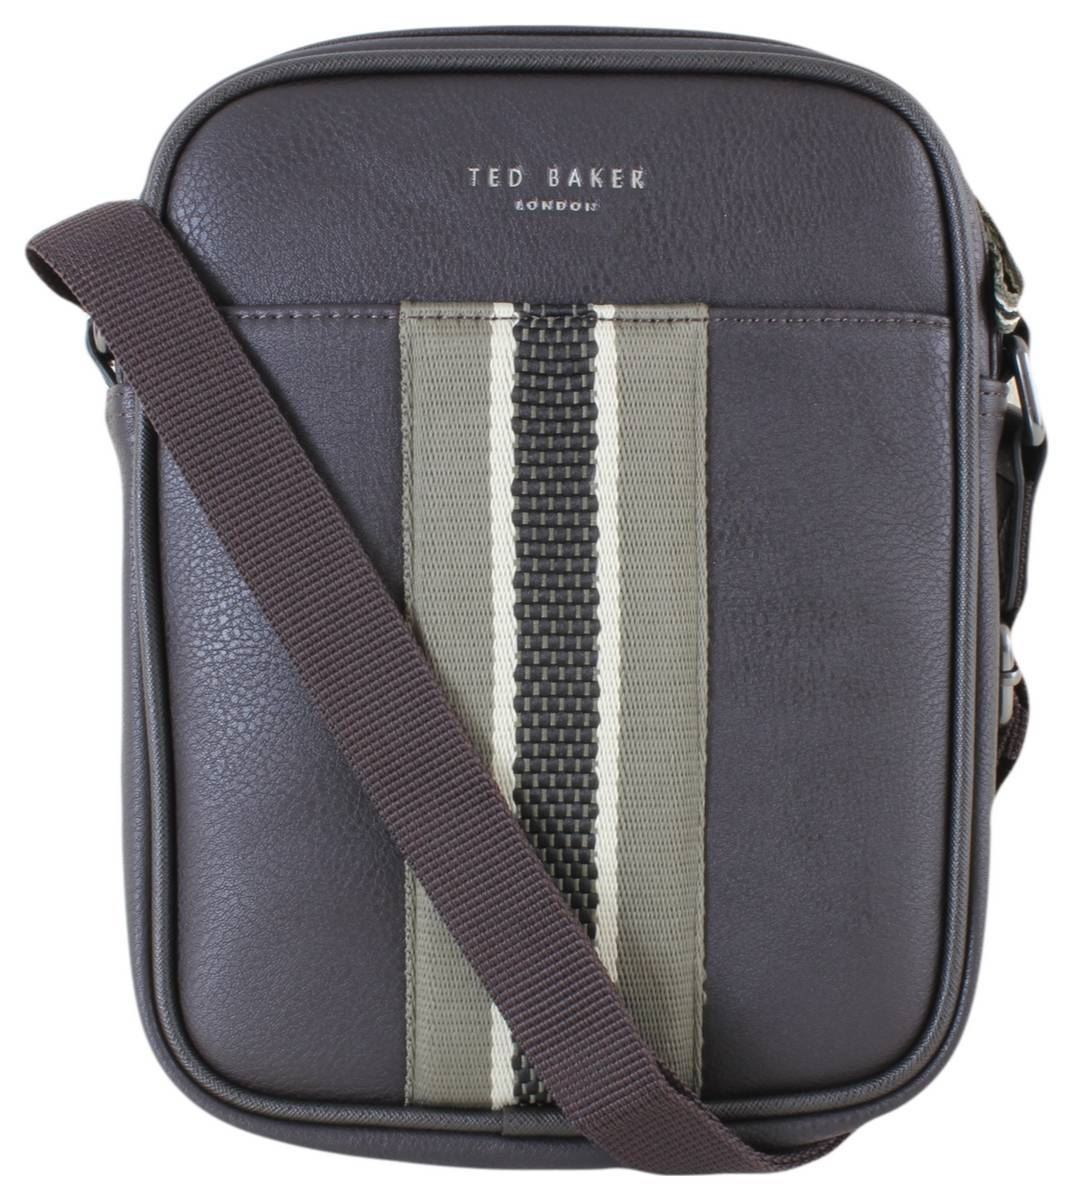 Ted Baker Mens Jets Webbing Mini Flight Bag - Chocolate Brown Green ... af500ca823664